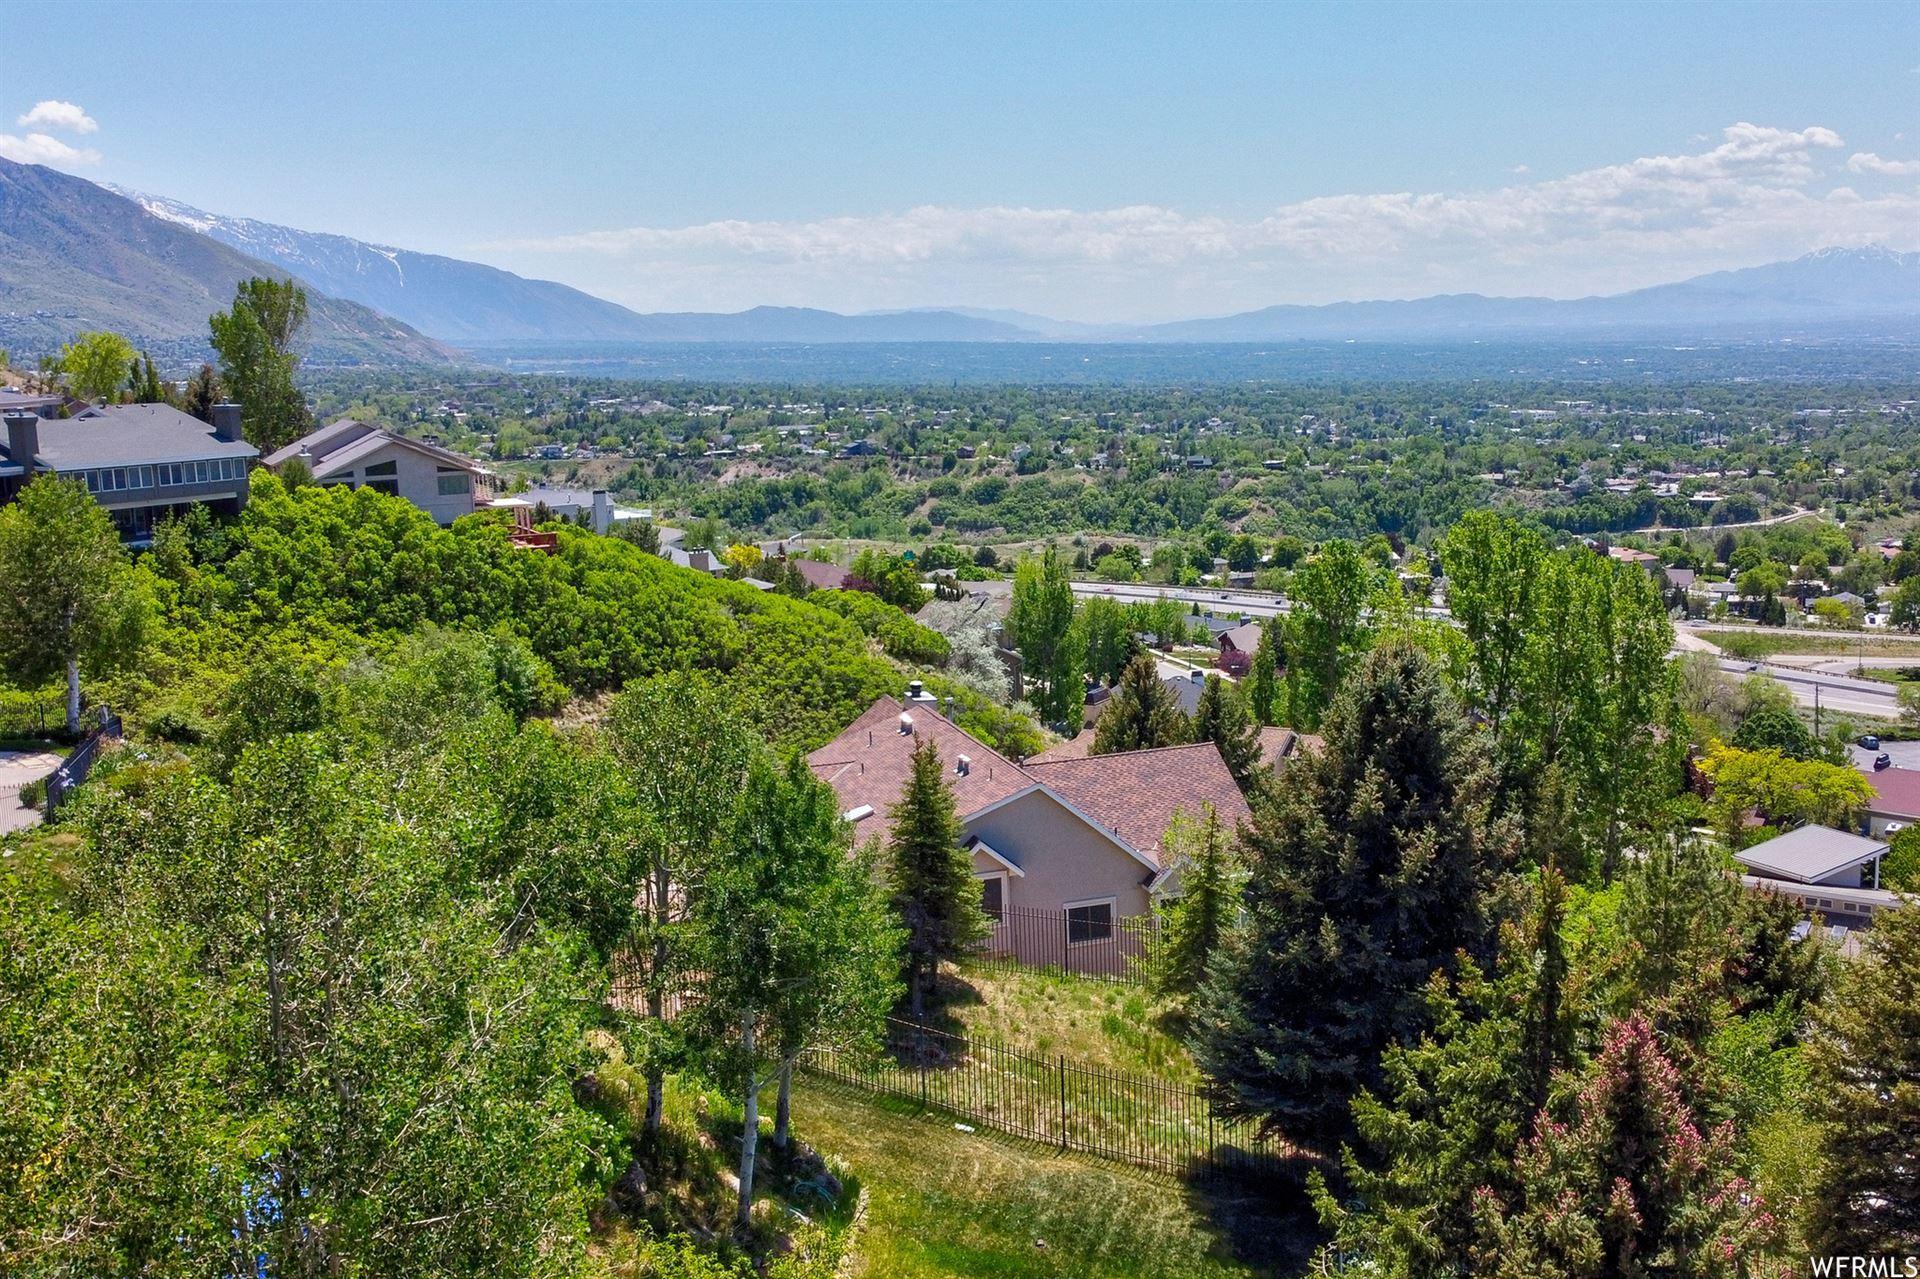 Photo of 2948 E BENCHMARK DR, Salt Lake City, UT 84109 (MLS # 1746884)